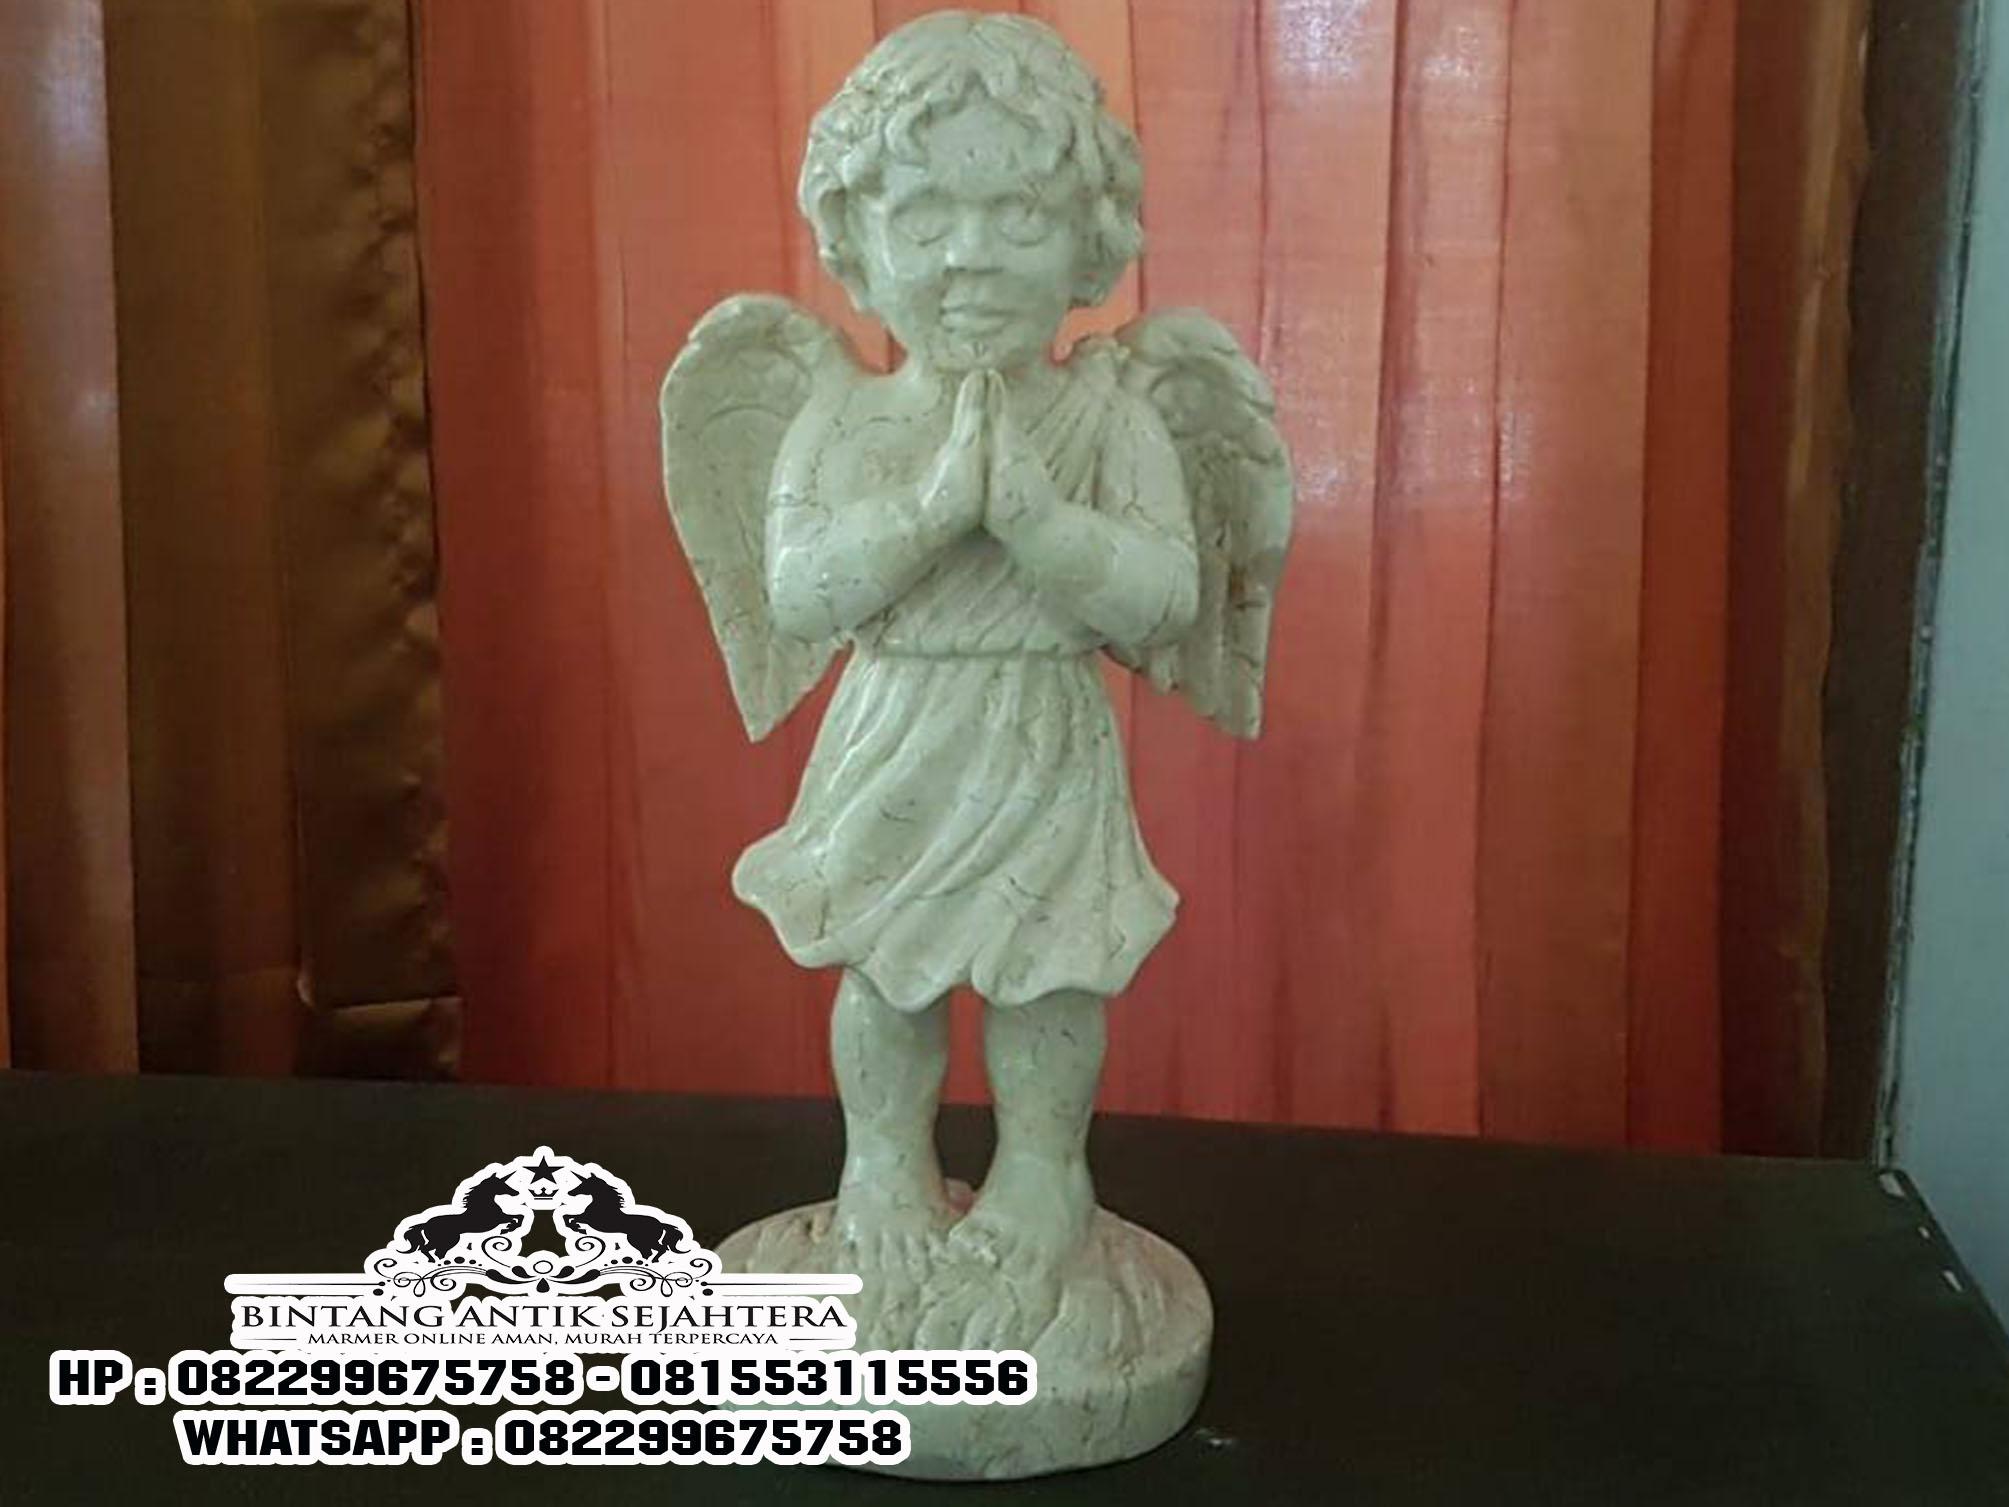 Jual Patung Malaikat Untuk Kuburan Murah, Tempat Jual Patung Malaikat Marmer, Kuburan Patung Malaikat